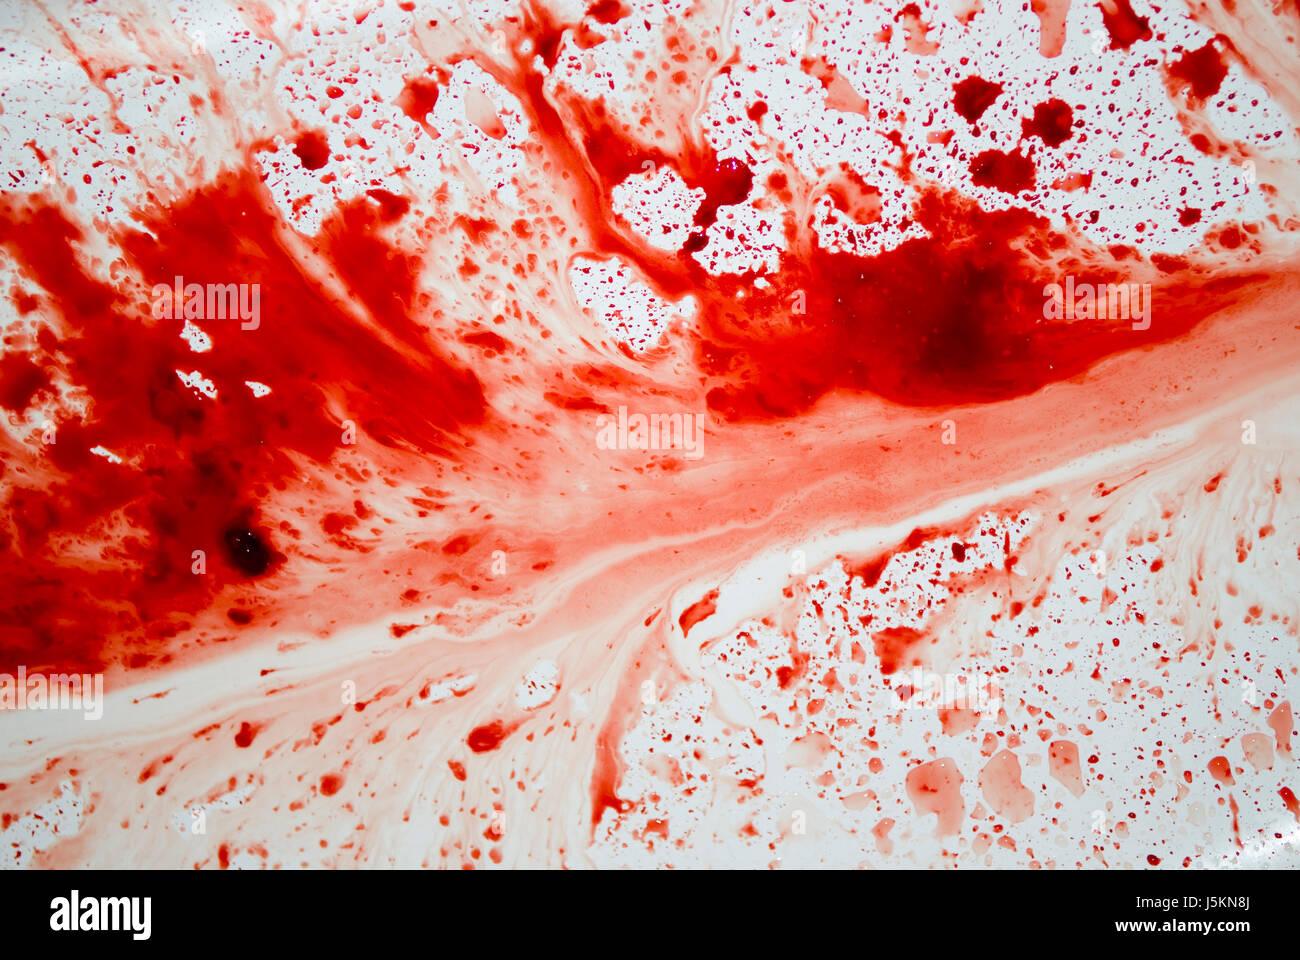 Vasca Da Bagno Rossa : Pregiudizio sangue vasca da bagno vasca da bagno vasca da bagno